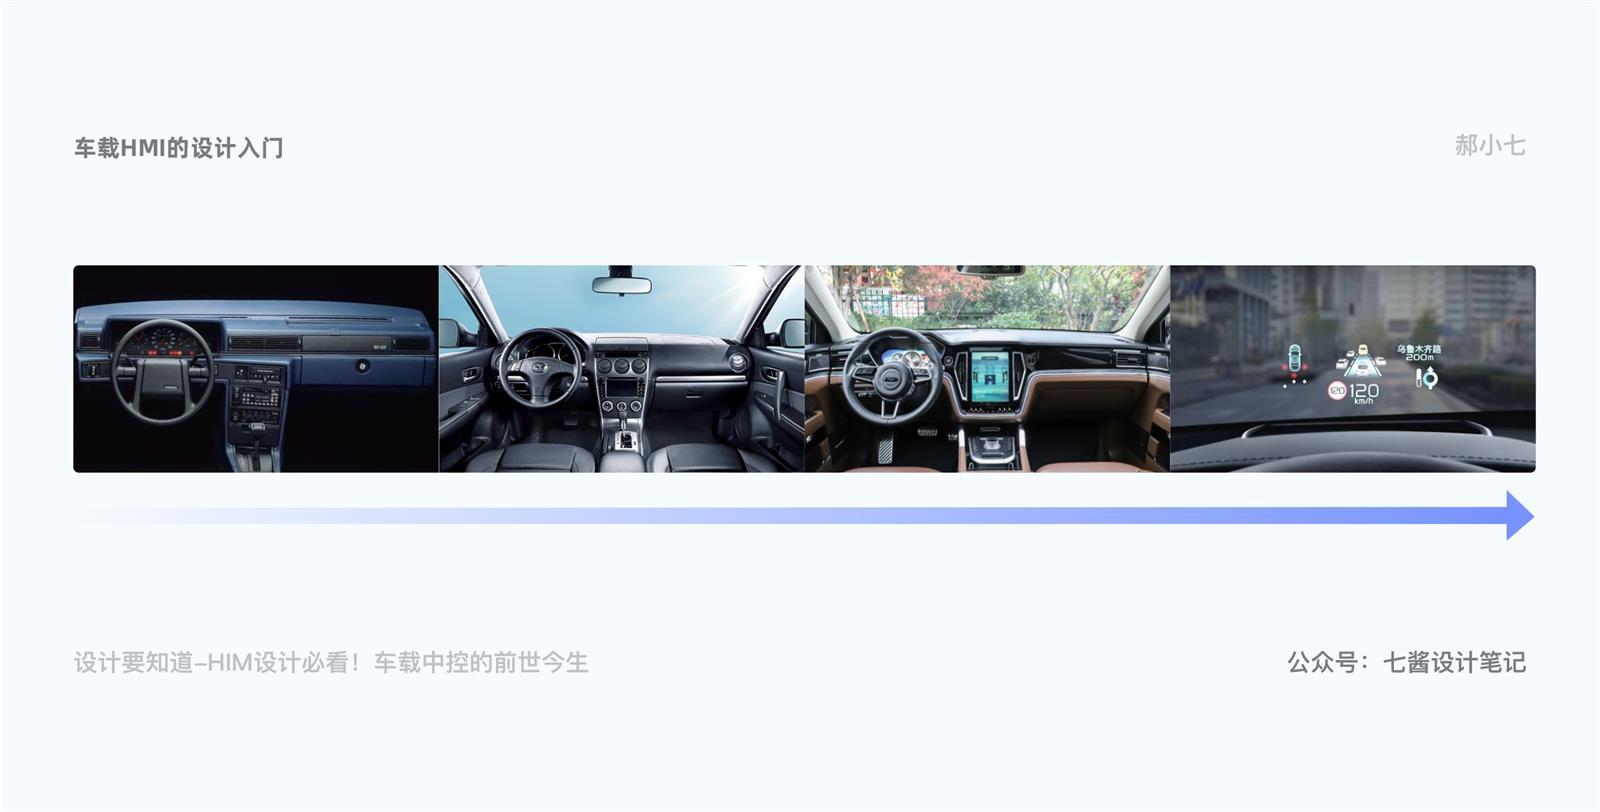 写给新人的车载 HMI 设计入门指南